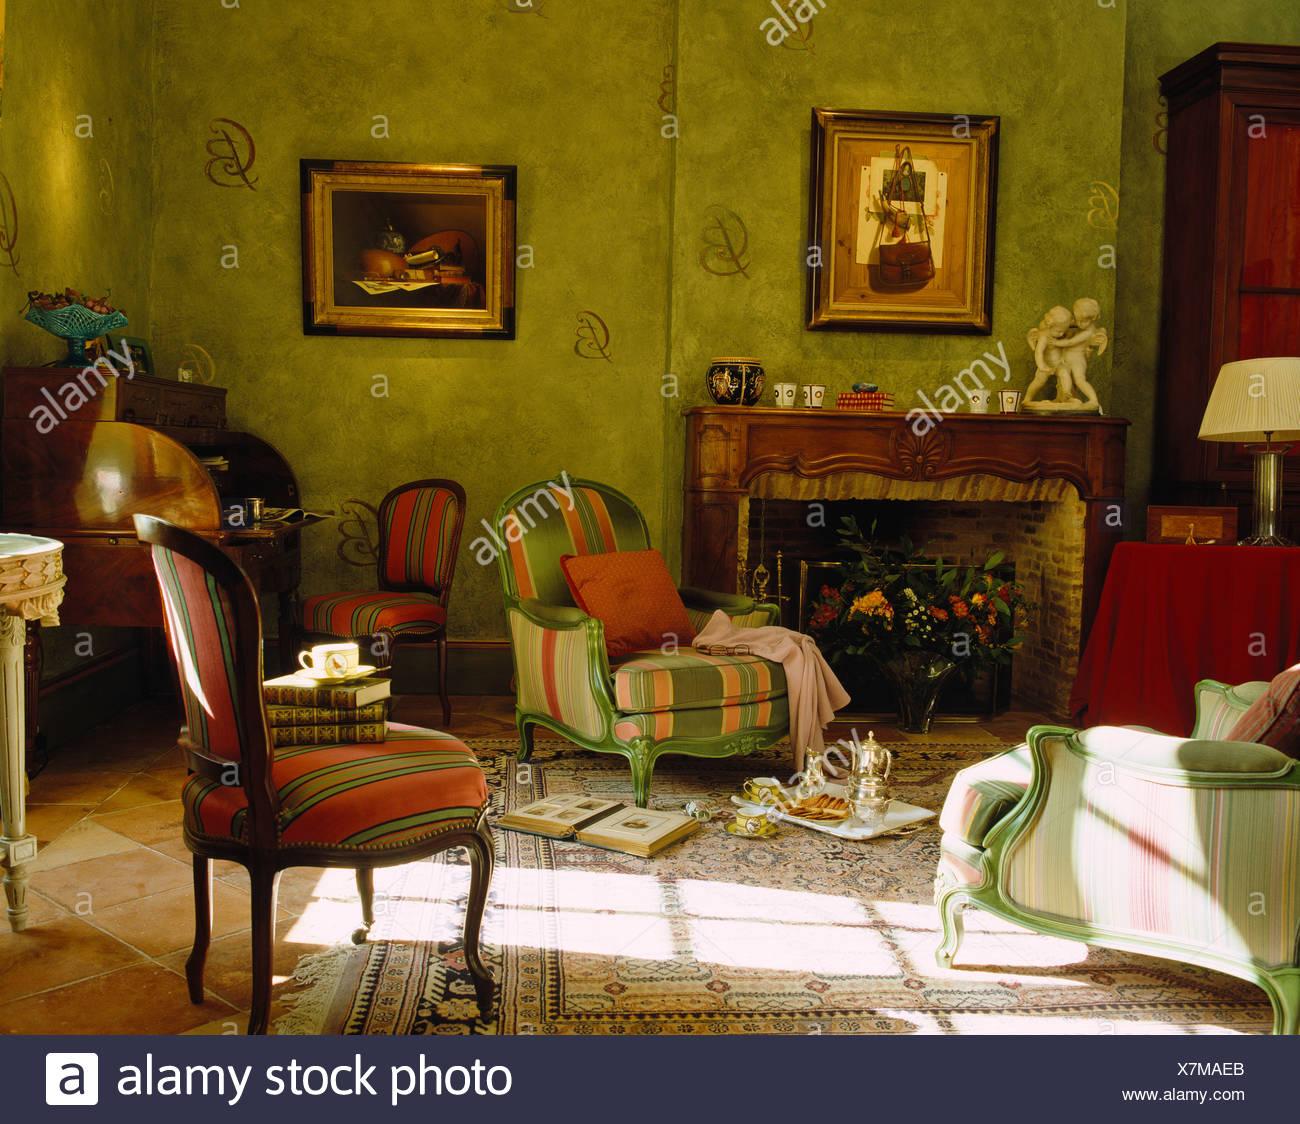 Rot Grun Gestreifte Gepolsterte Stuhle Im Sonnigen Grunes Land Wohnzimmer Mit Abwaschenden Effekt Gestrichene Wande Stockfotografie Alamy